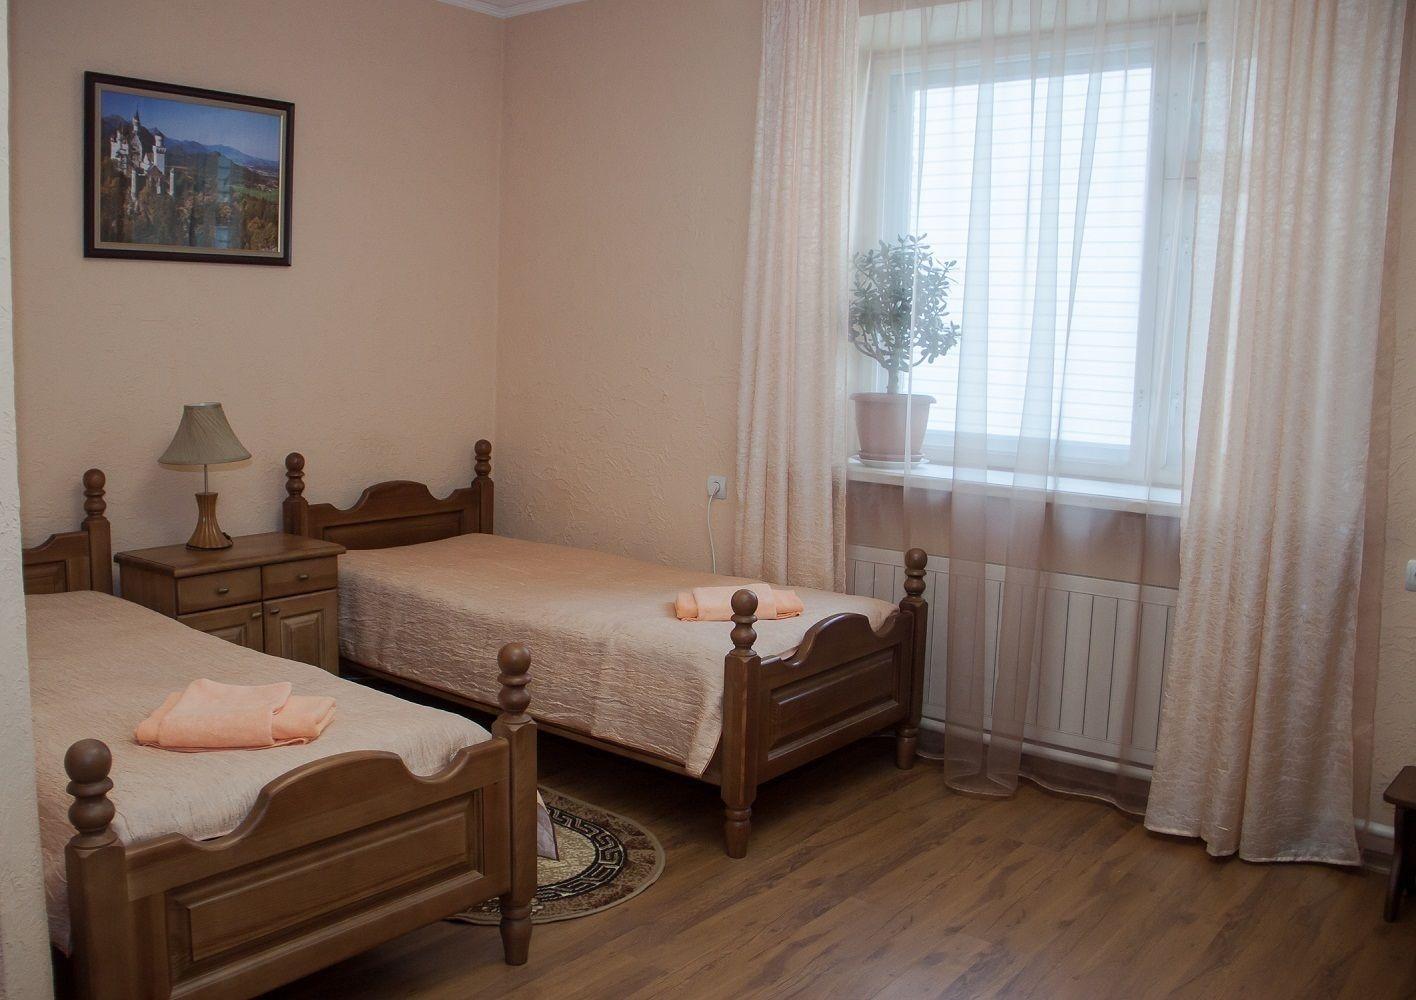 Domashny Hotel, Penzenskiy rayon